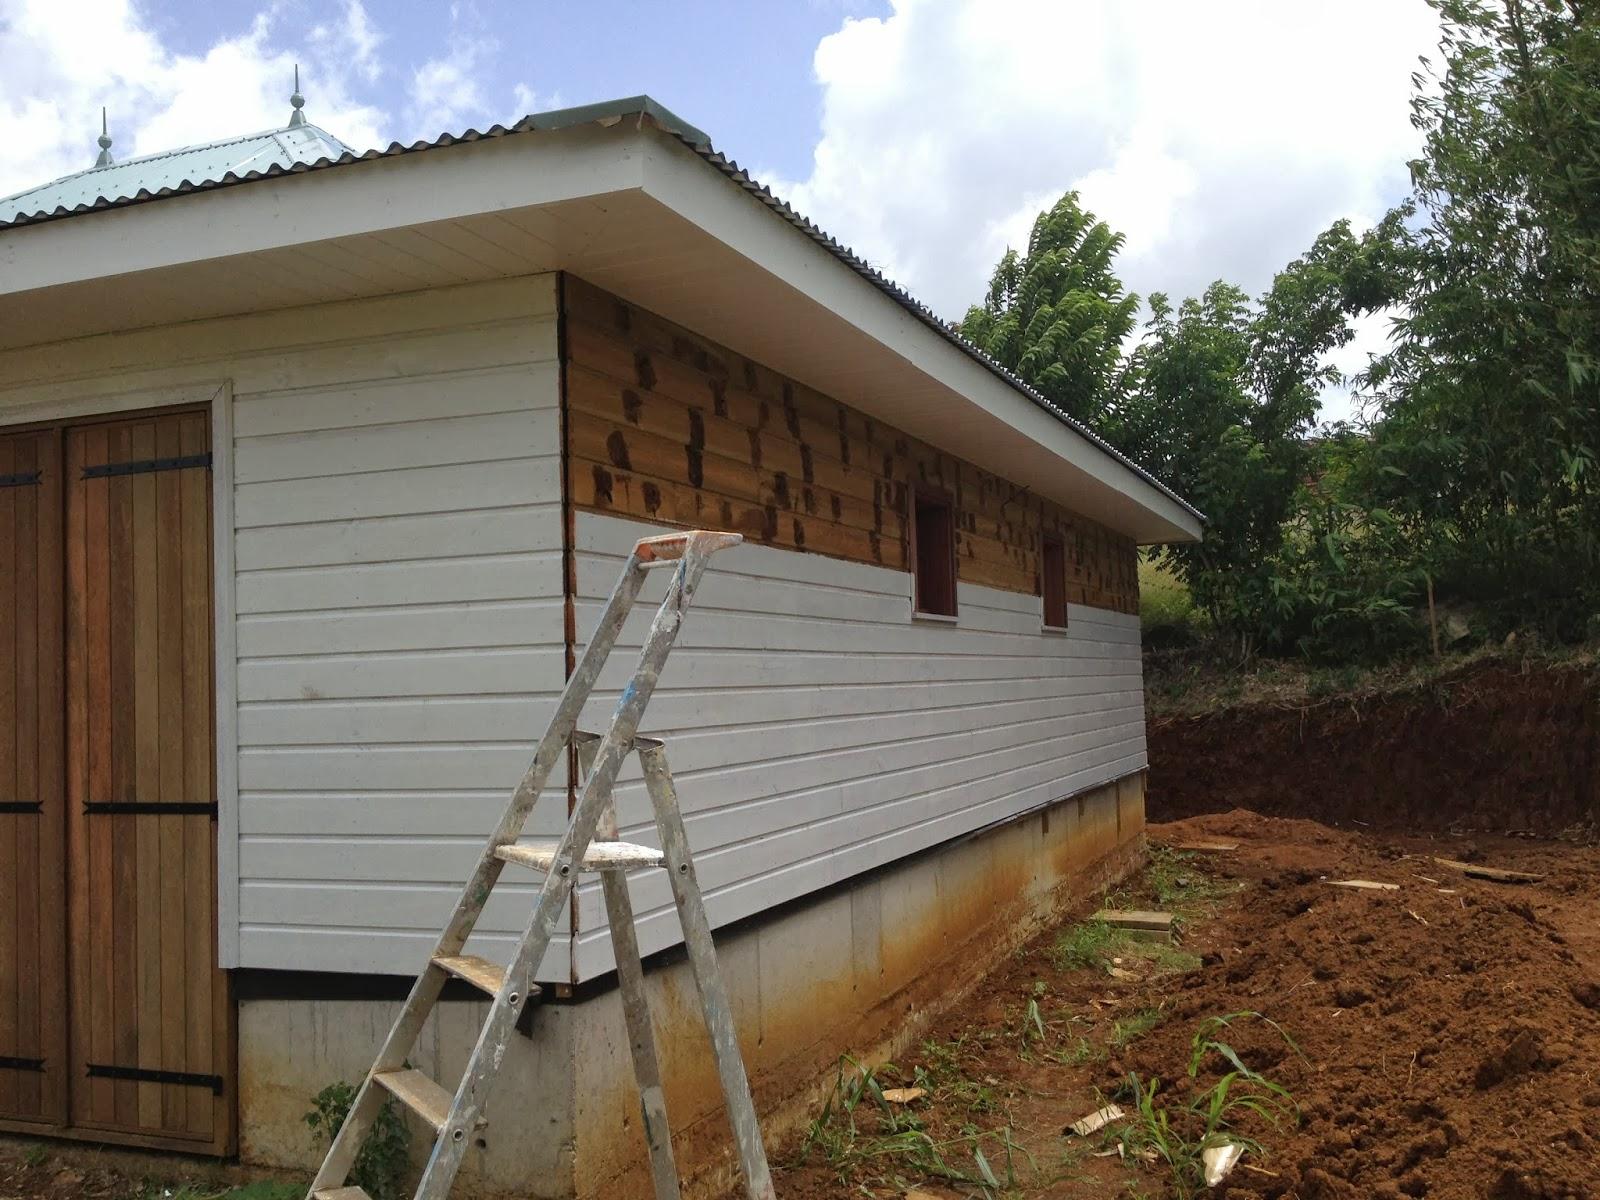 Maison En Bois Martinique - Peinture extérieure Construire Maison Créole en Martinique